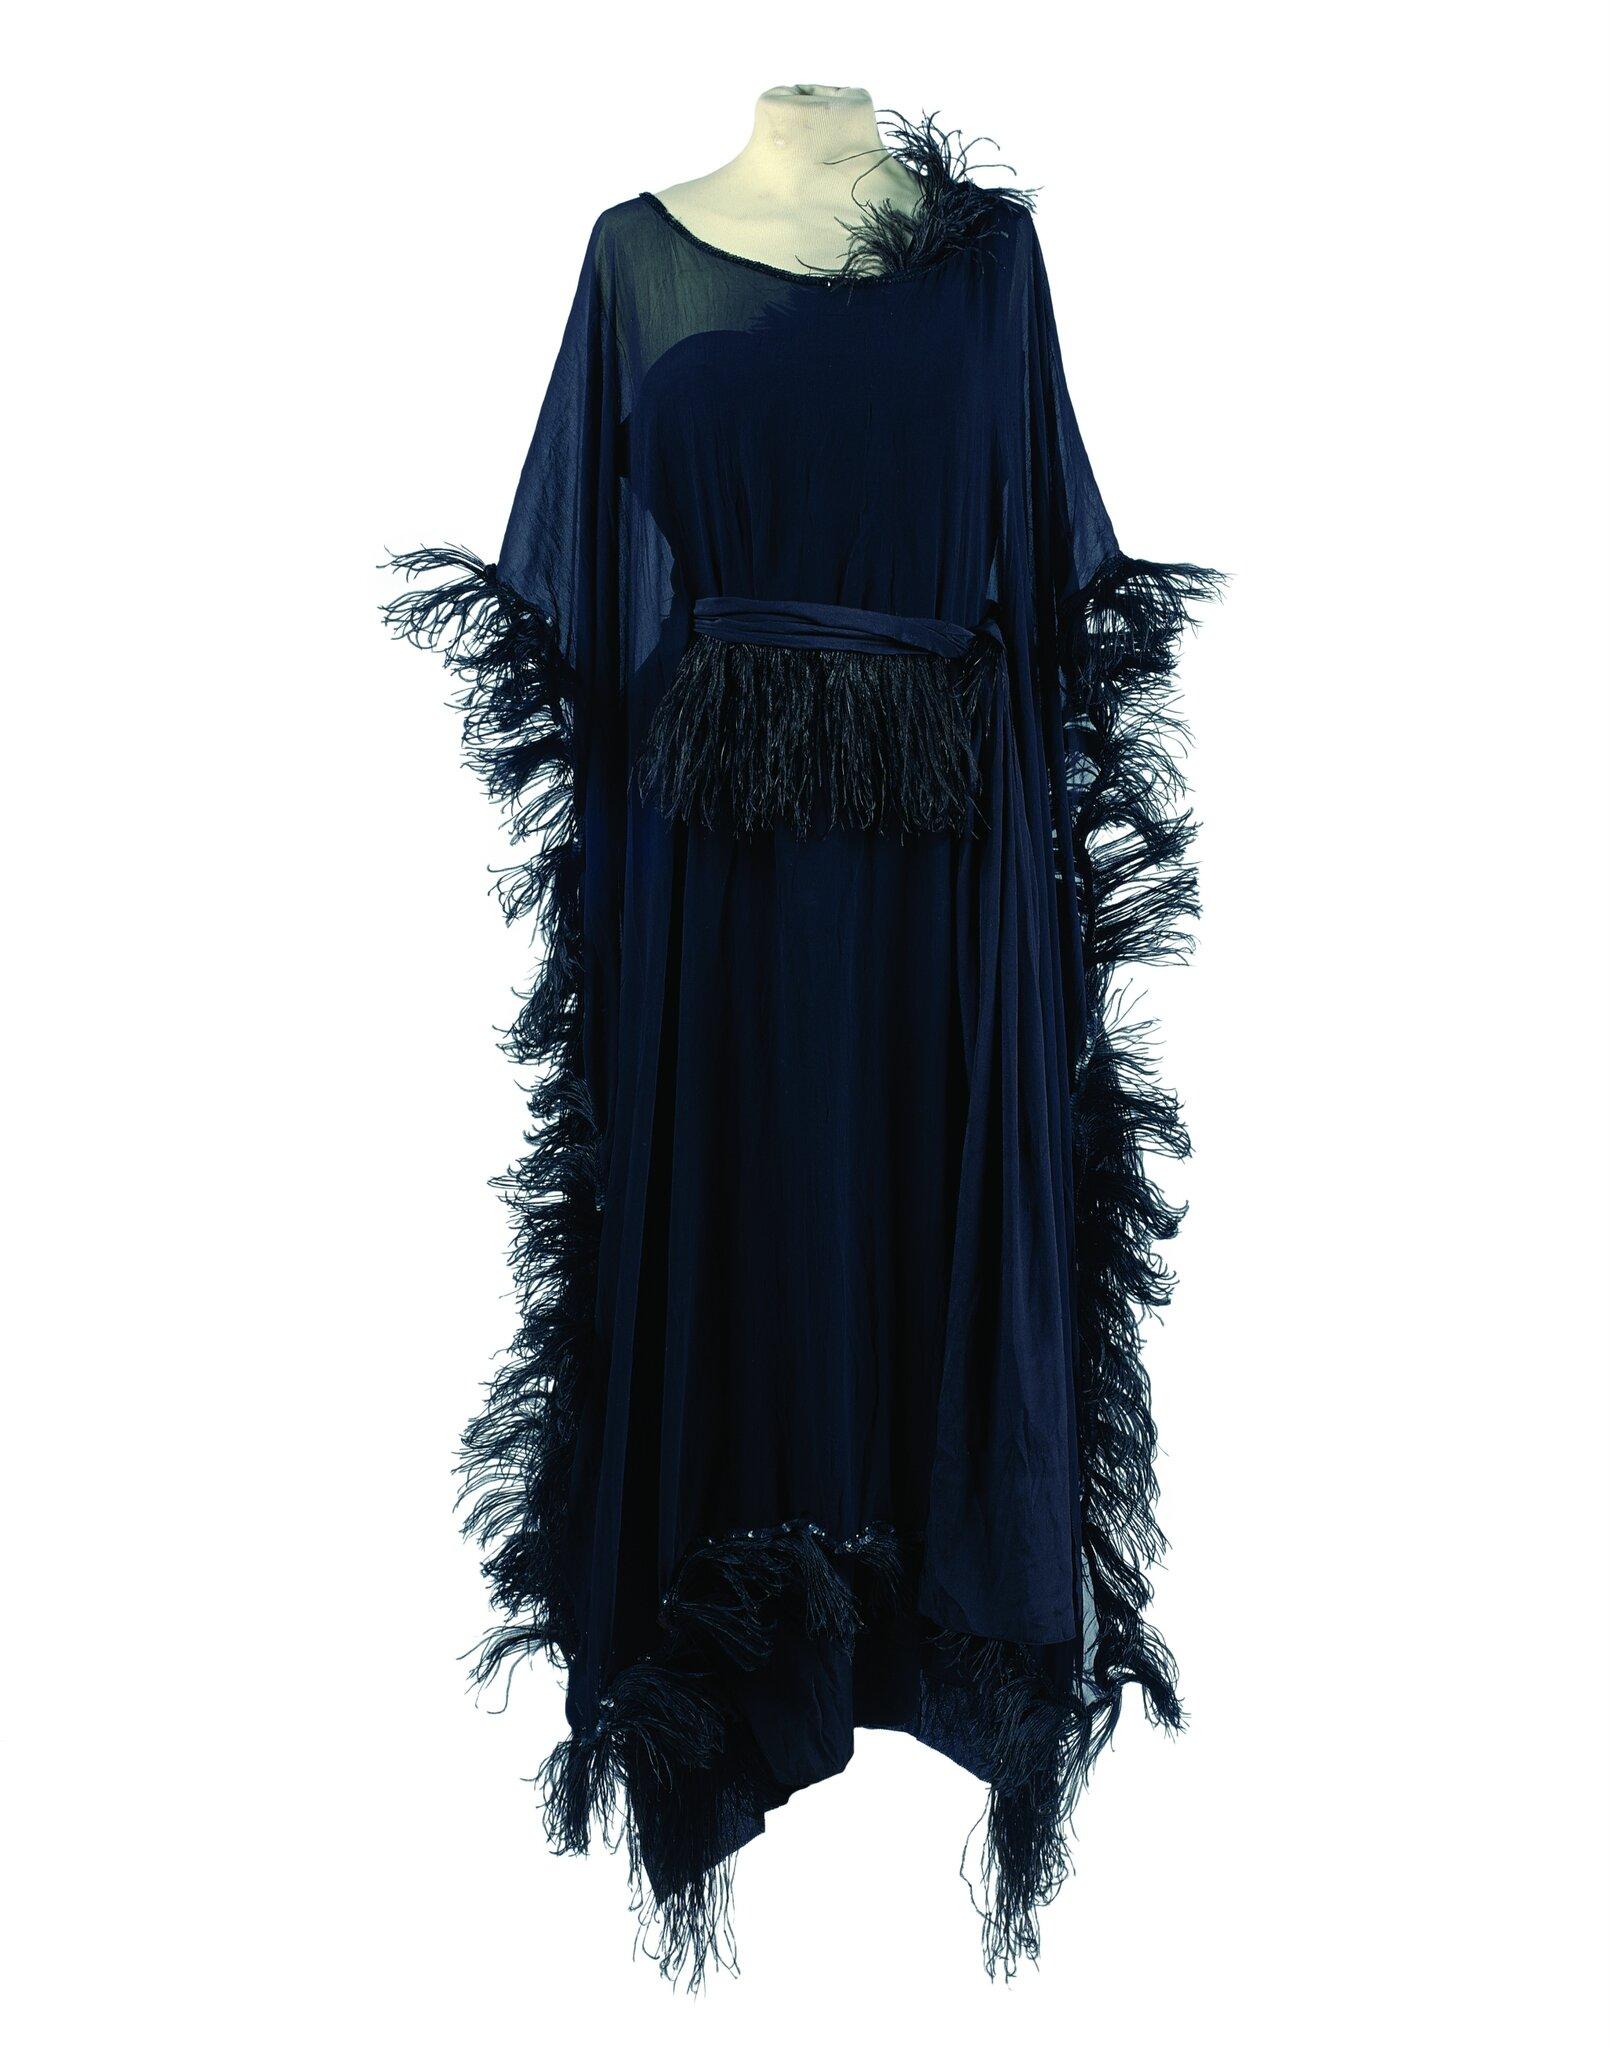 Gabrielle Chanel: Robe en crêpe de soie noir et son dessus en mousseline de soie noire, circa 1918